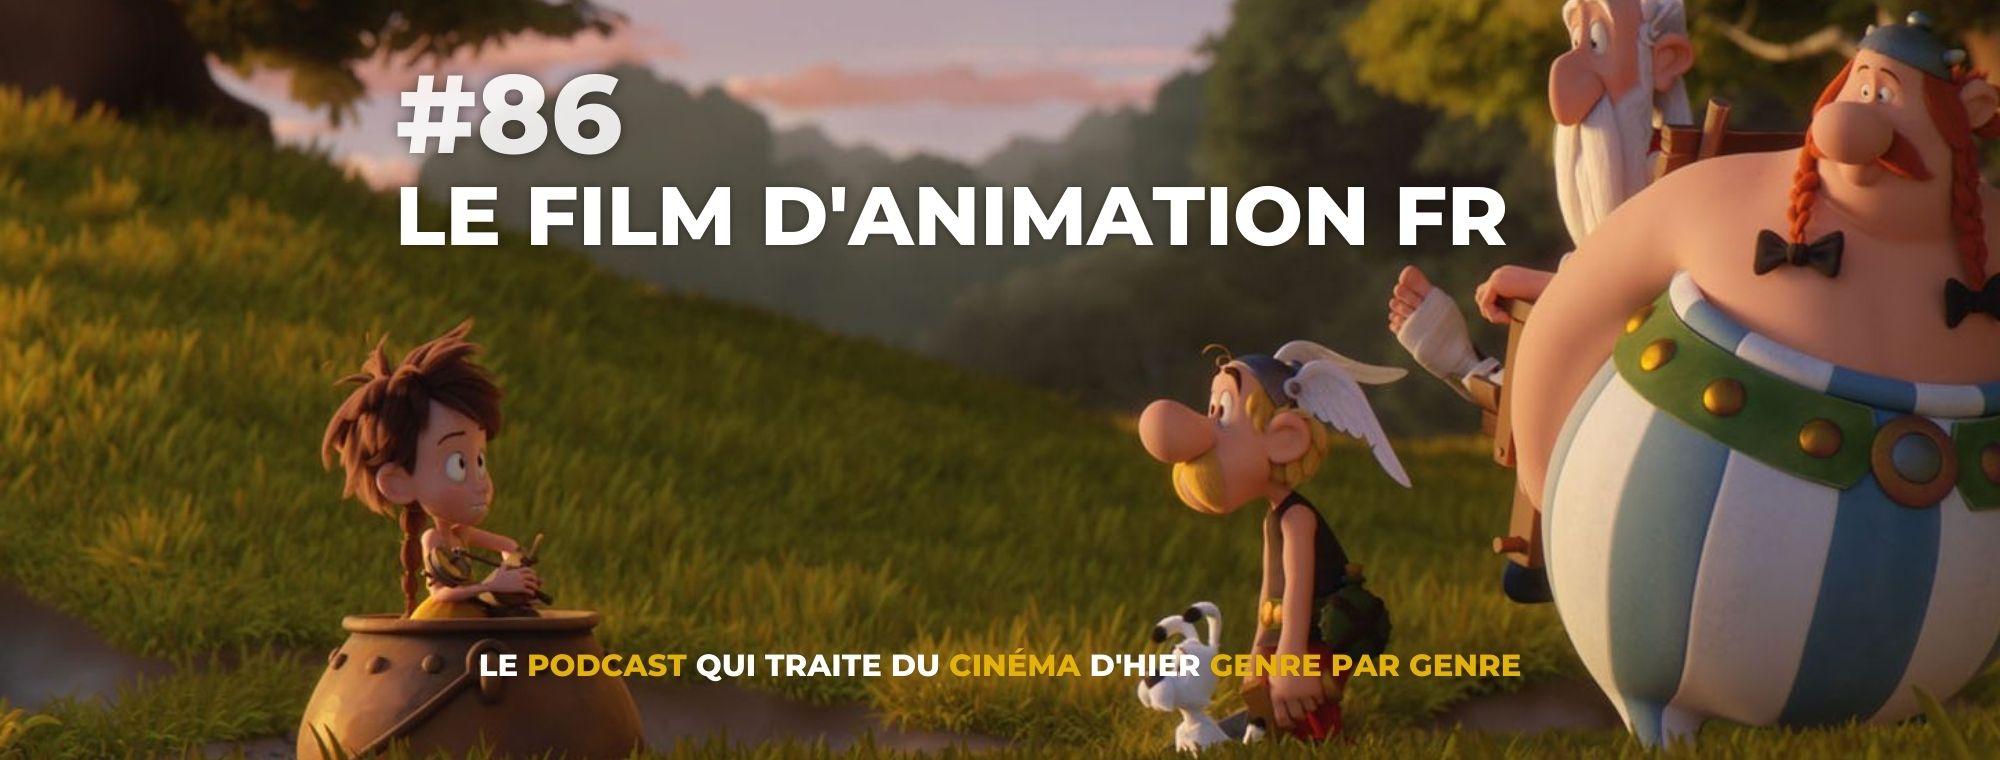 Parlons Péloches - #86 Le film d'animation français